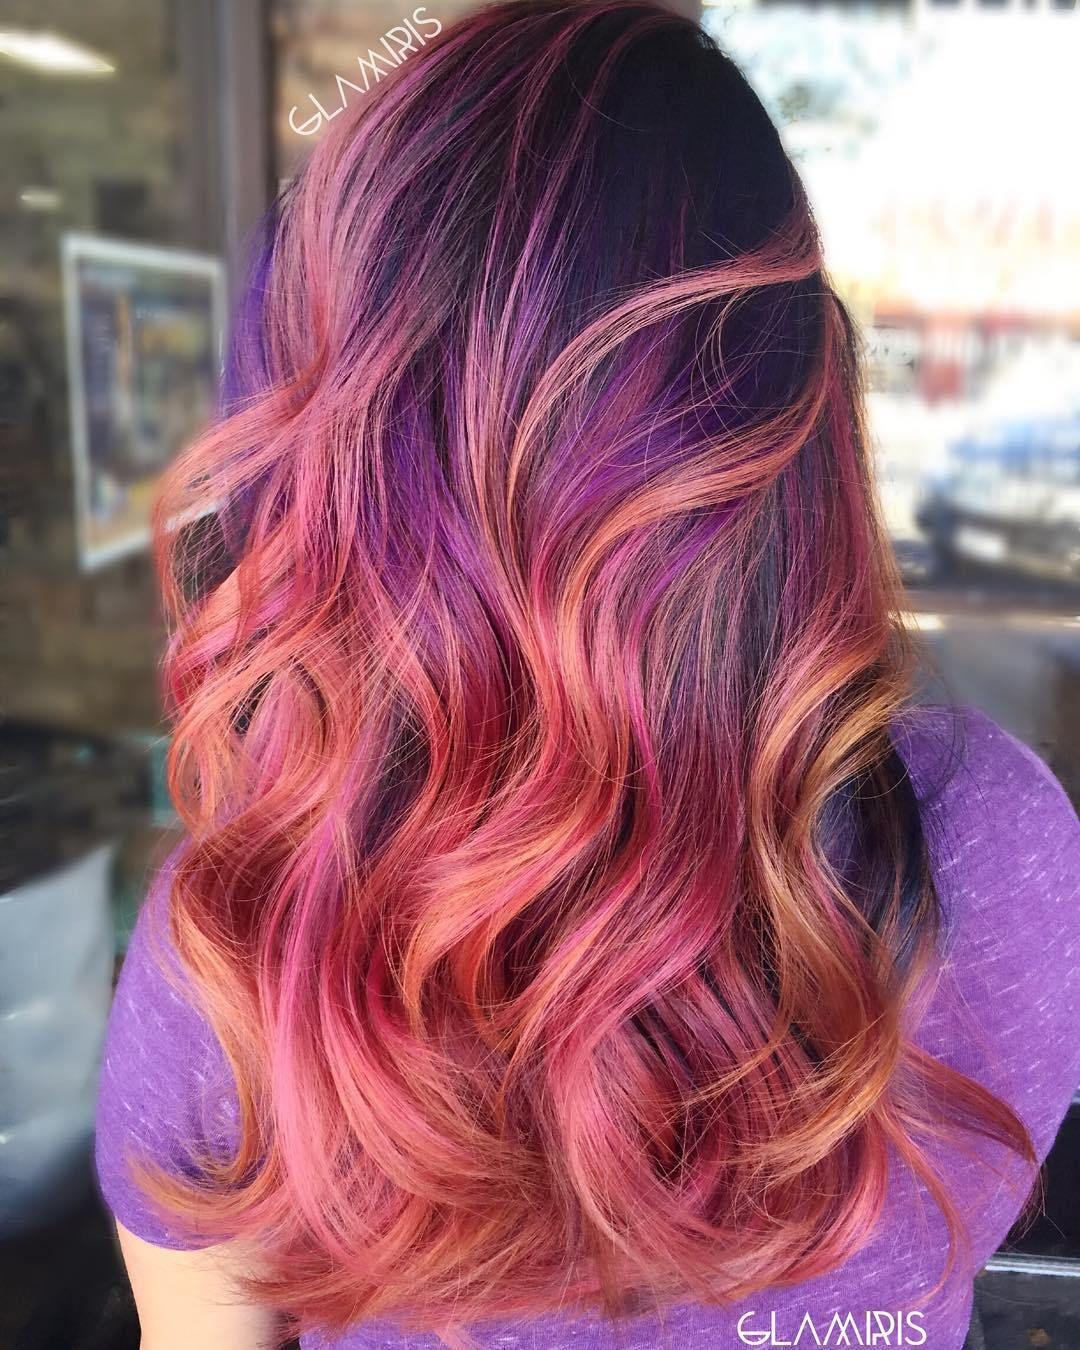 Hair Auburn with purple streaks